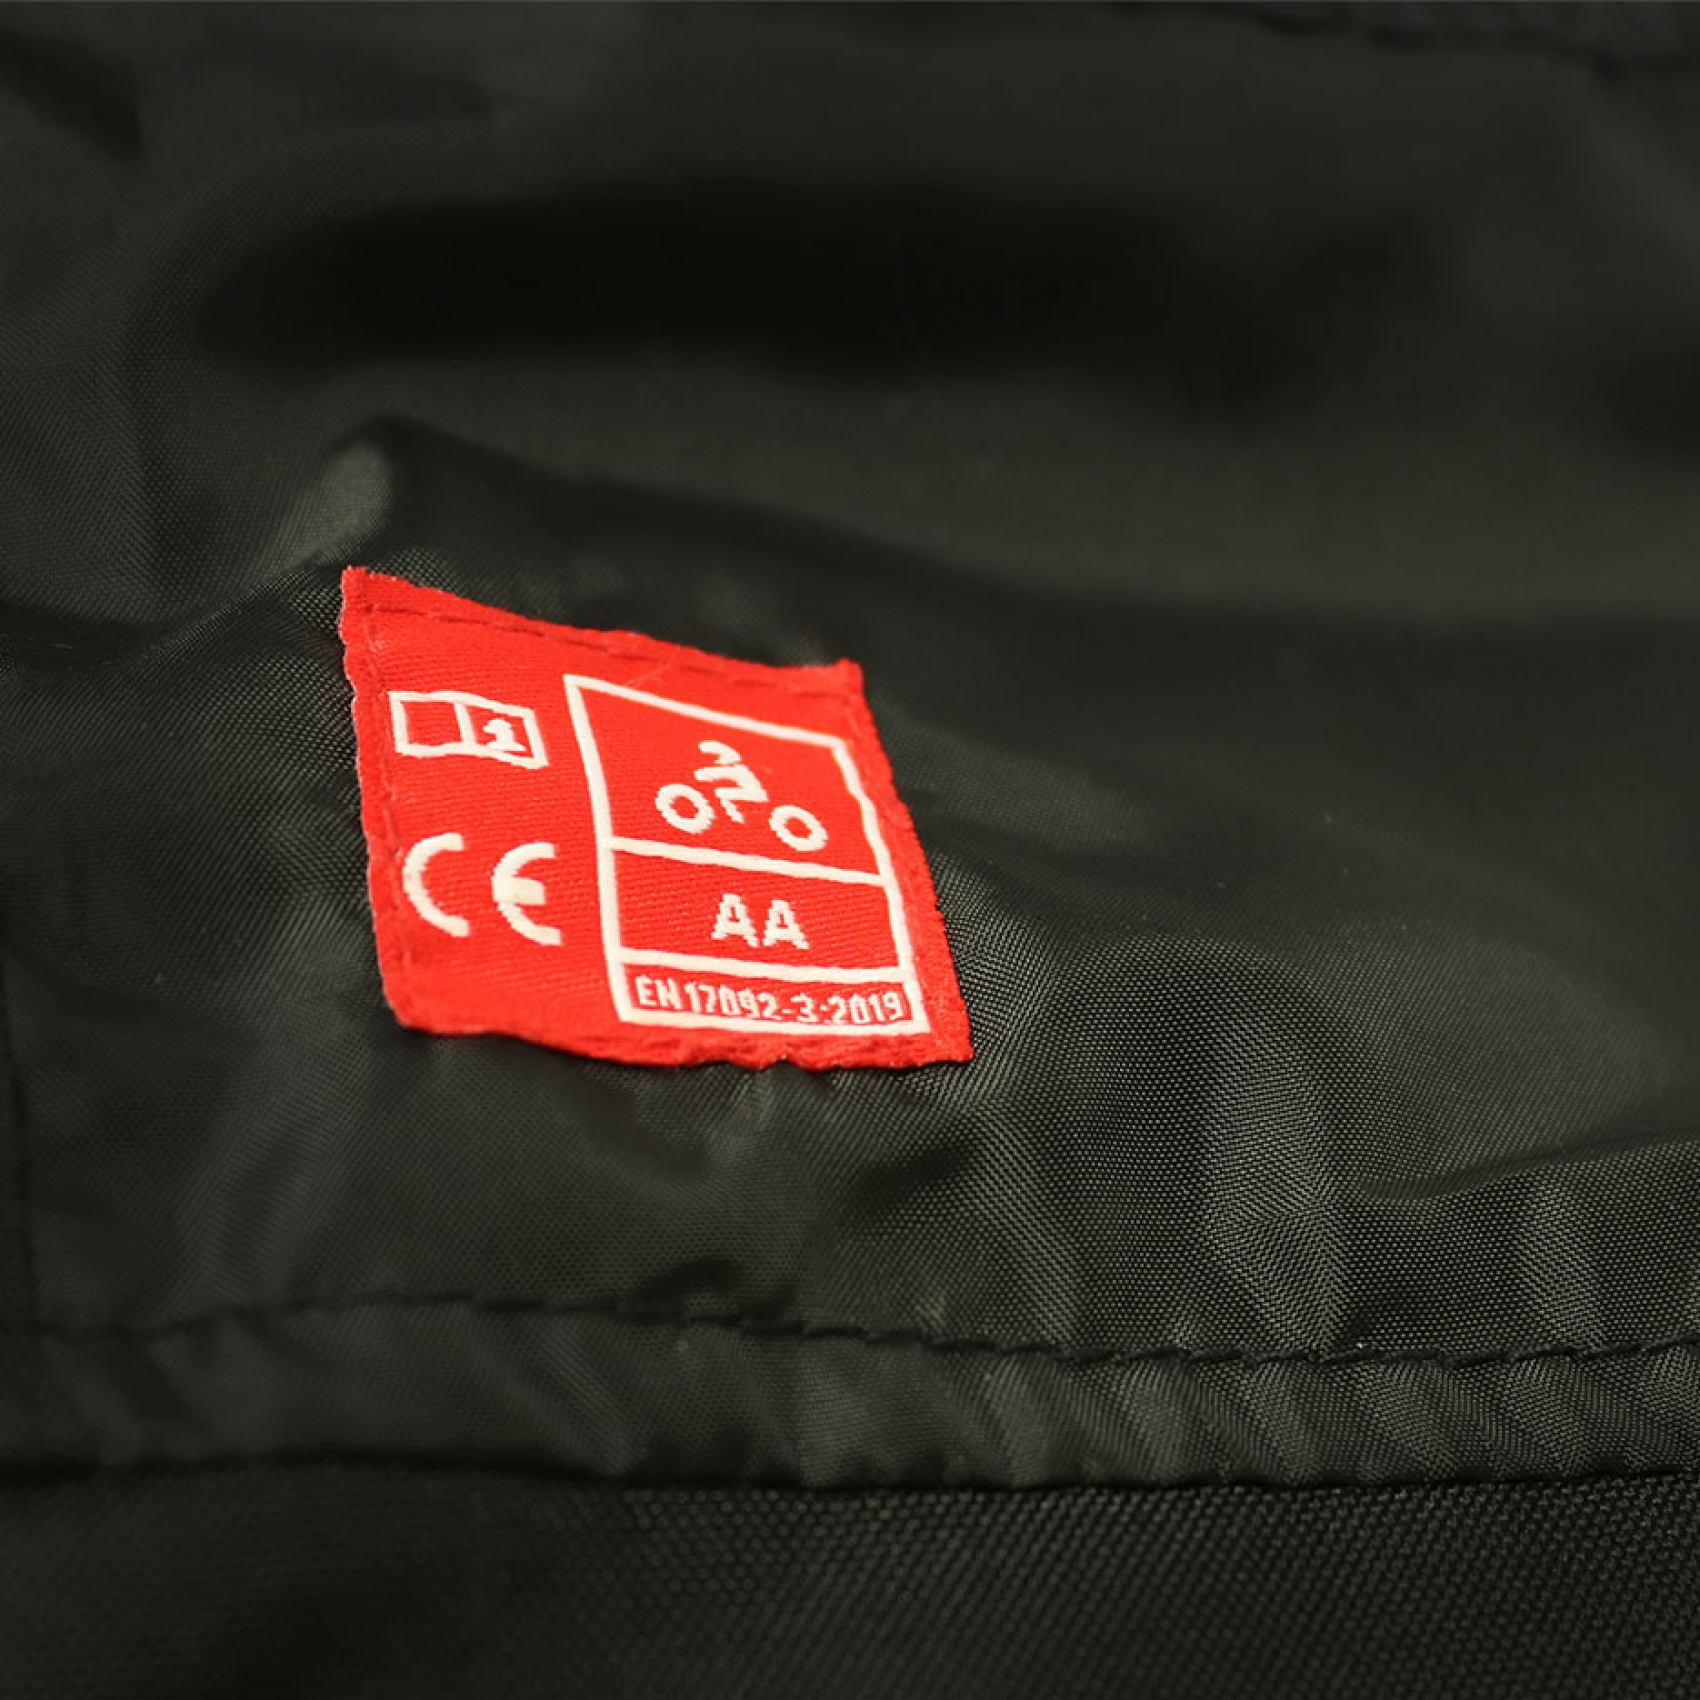 CE Certifikace